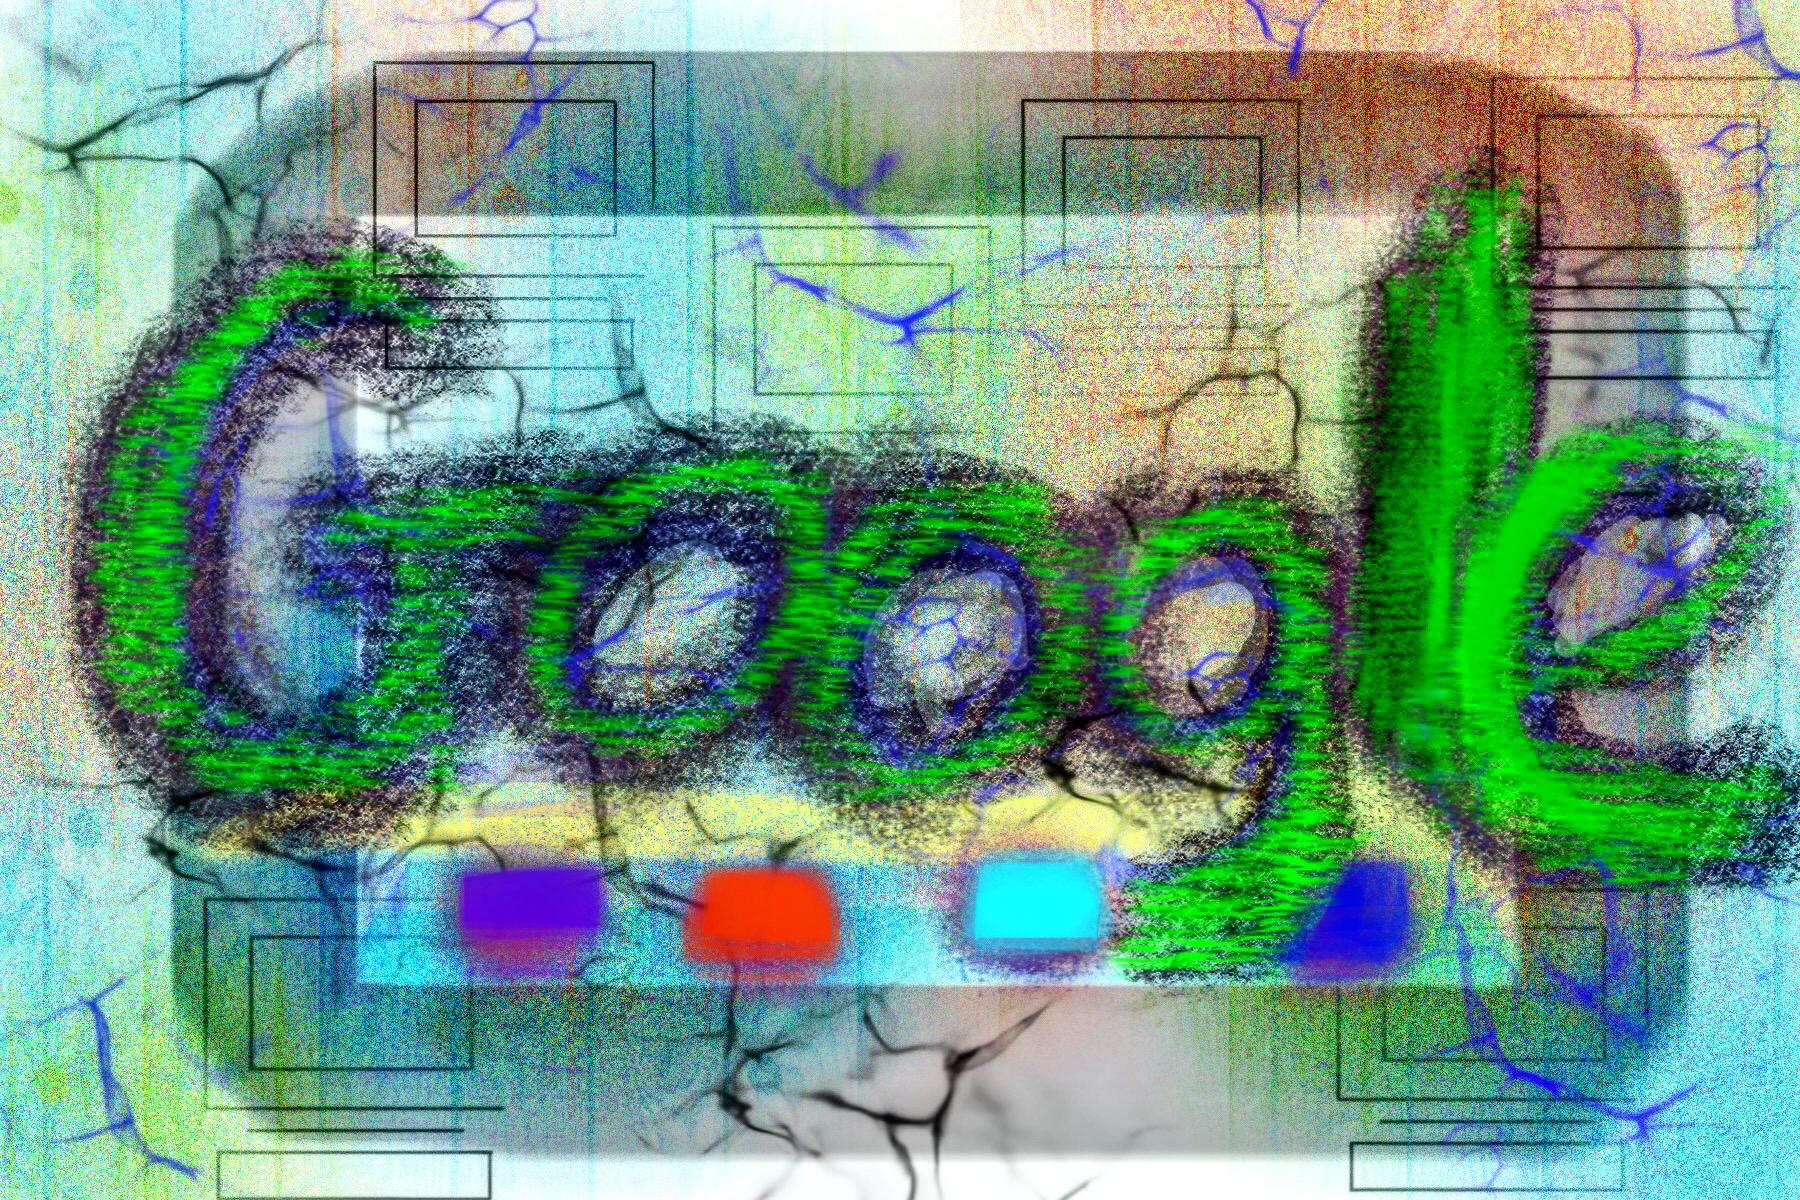 4420A9FD-D789-4193-A899-4659C01F50C2